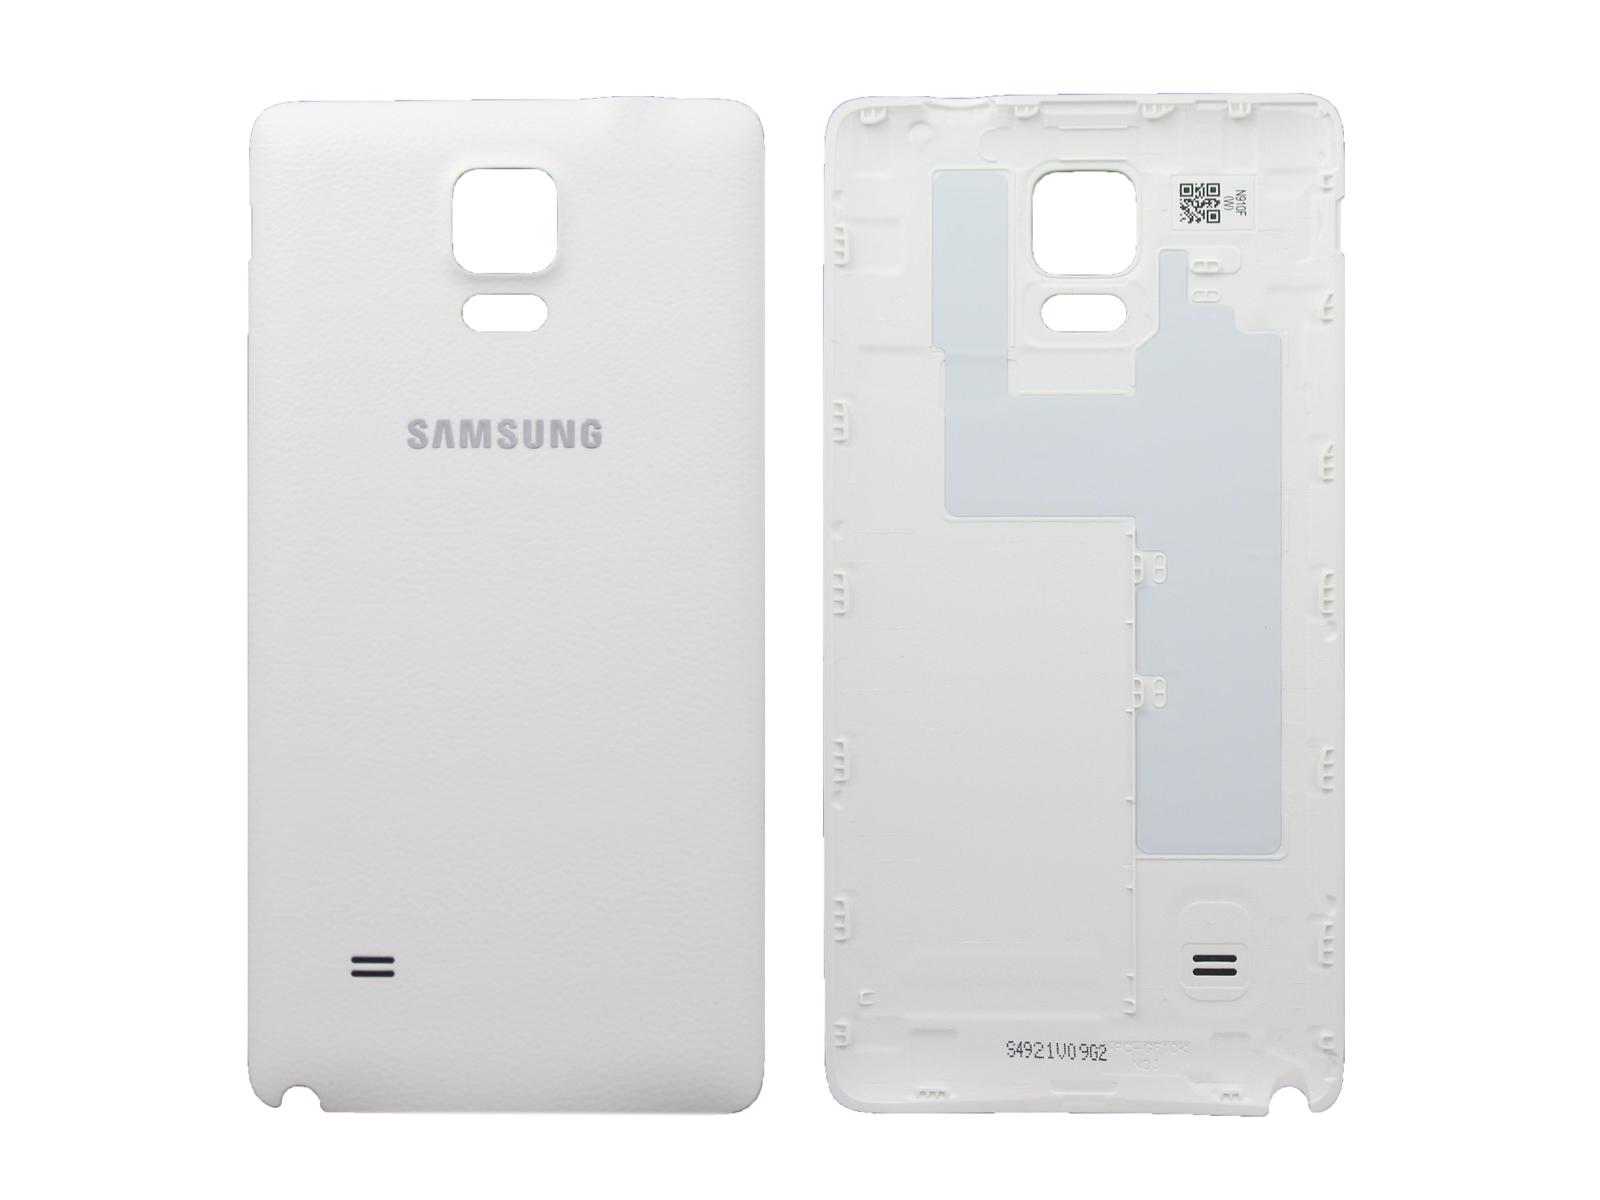 N910 Galaxy Note 4